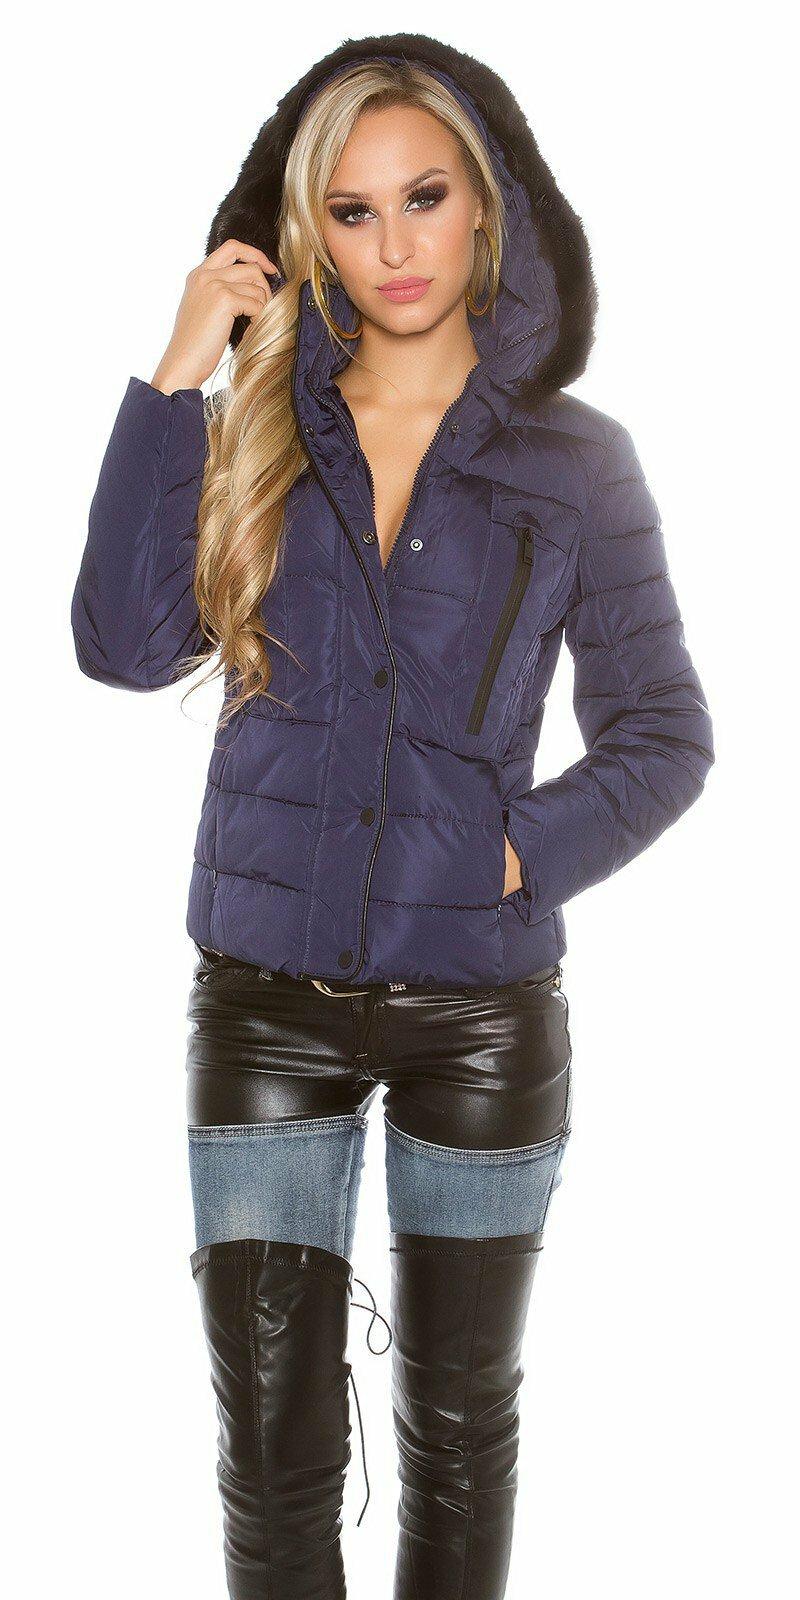 Dámska zimná bunda  Veľkosť XL Farba Tmavomodrá dc99cf0de2d